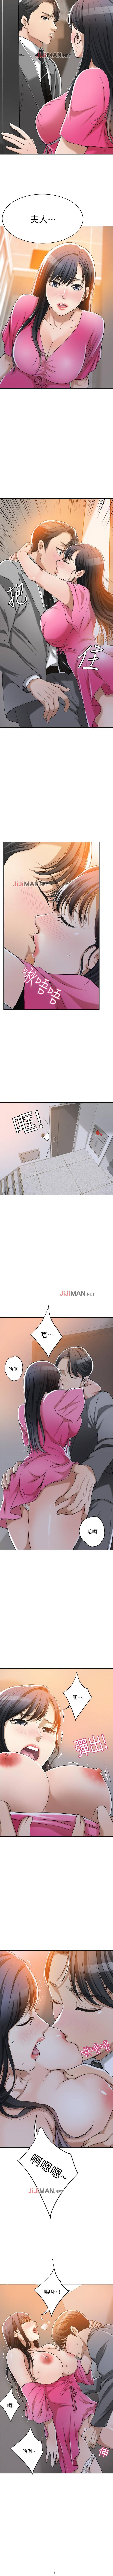 【周四连载】抑慾人妻(作者:月兔&李萬) 第1~22话 175